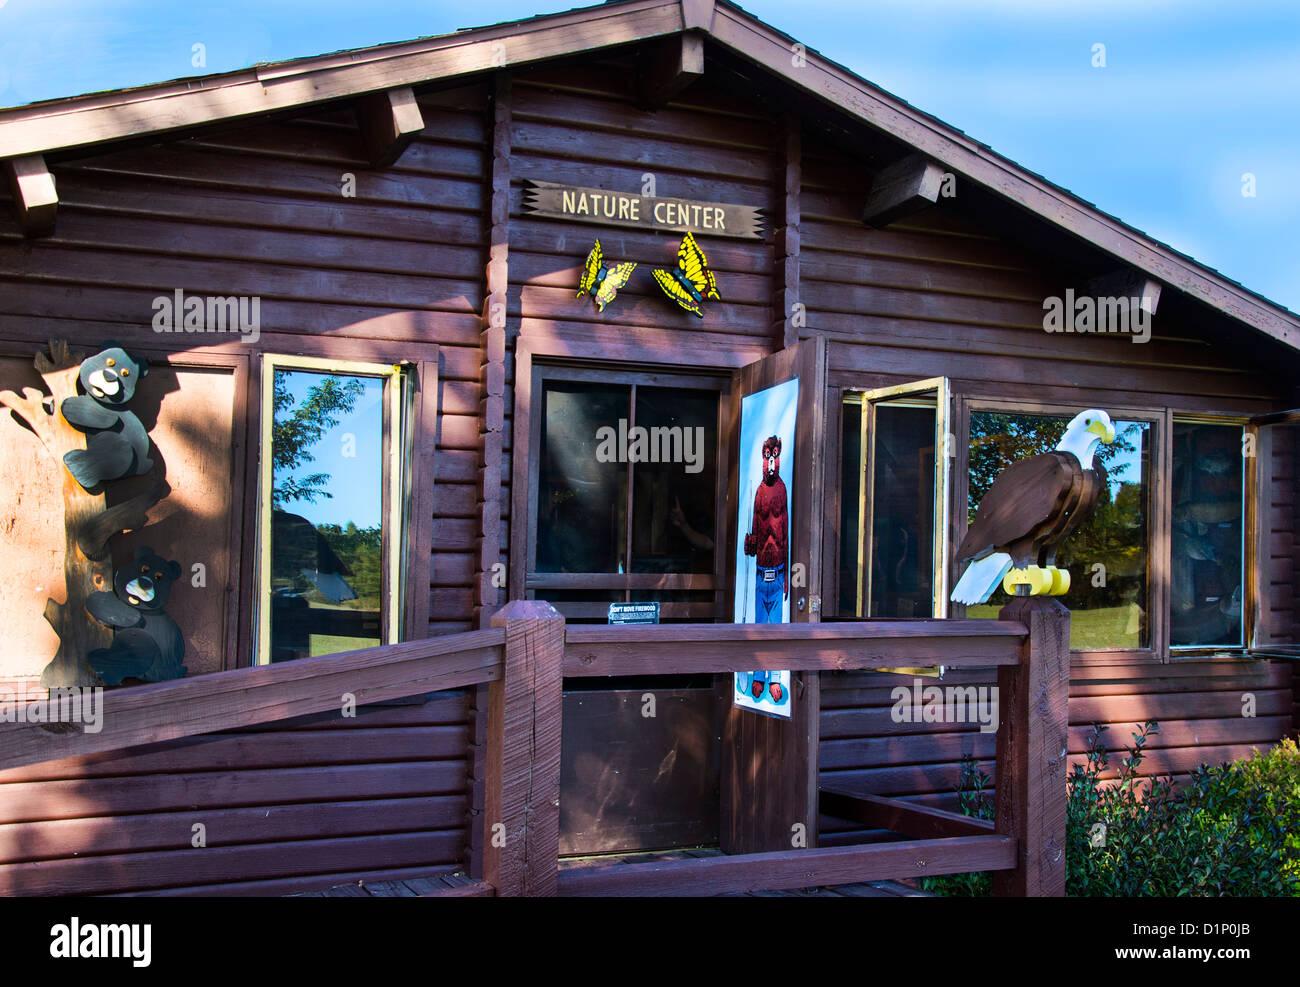 El centro de la naturaleza en el Campamento 5 campamento maderero en Laona, Wisconsin. Imagen De Stock